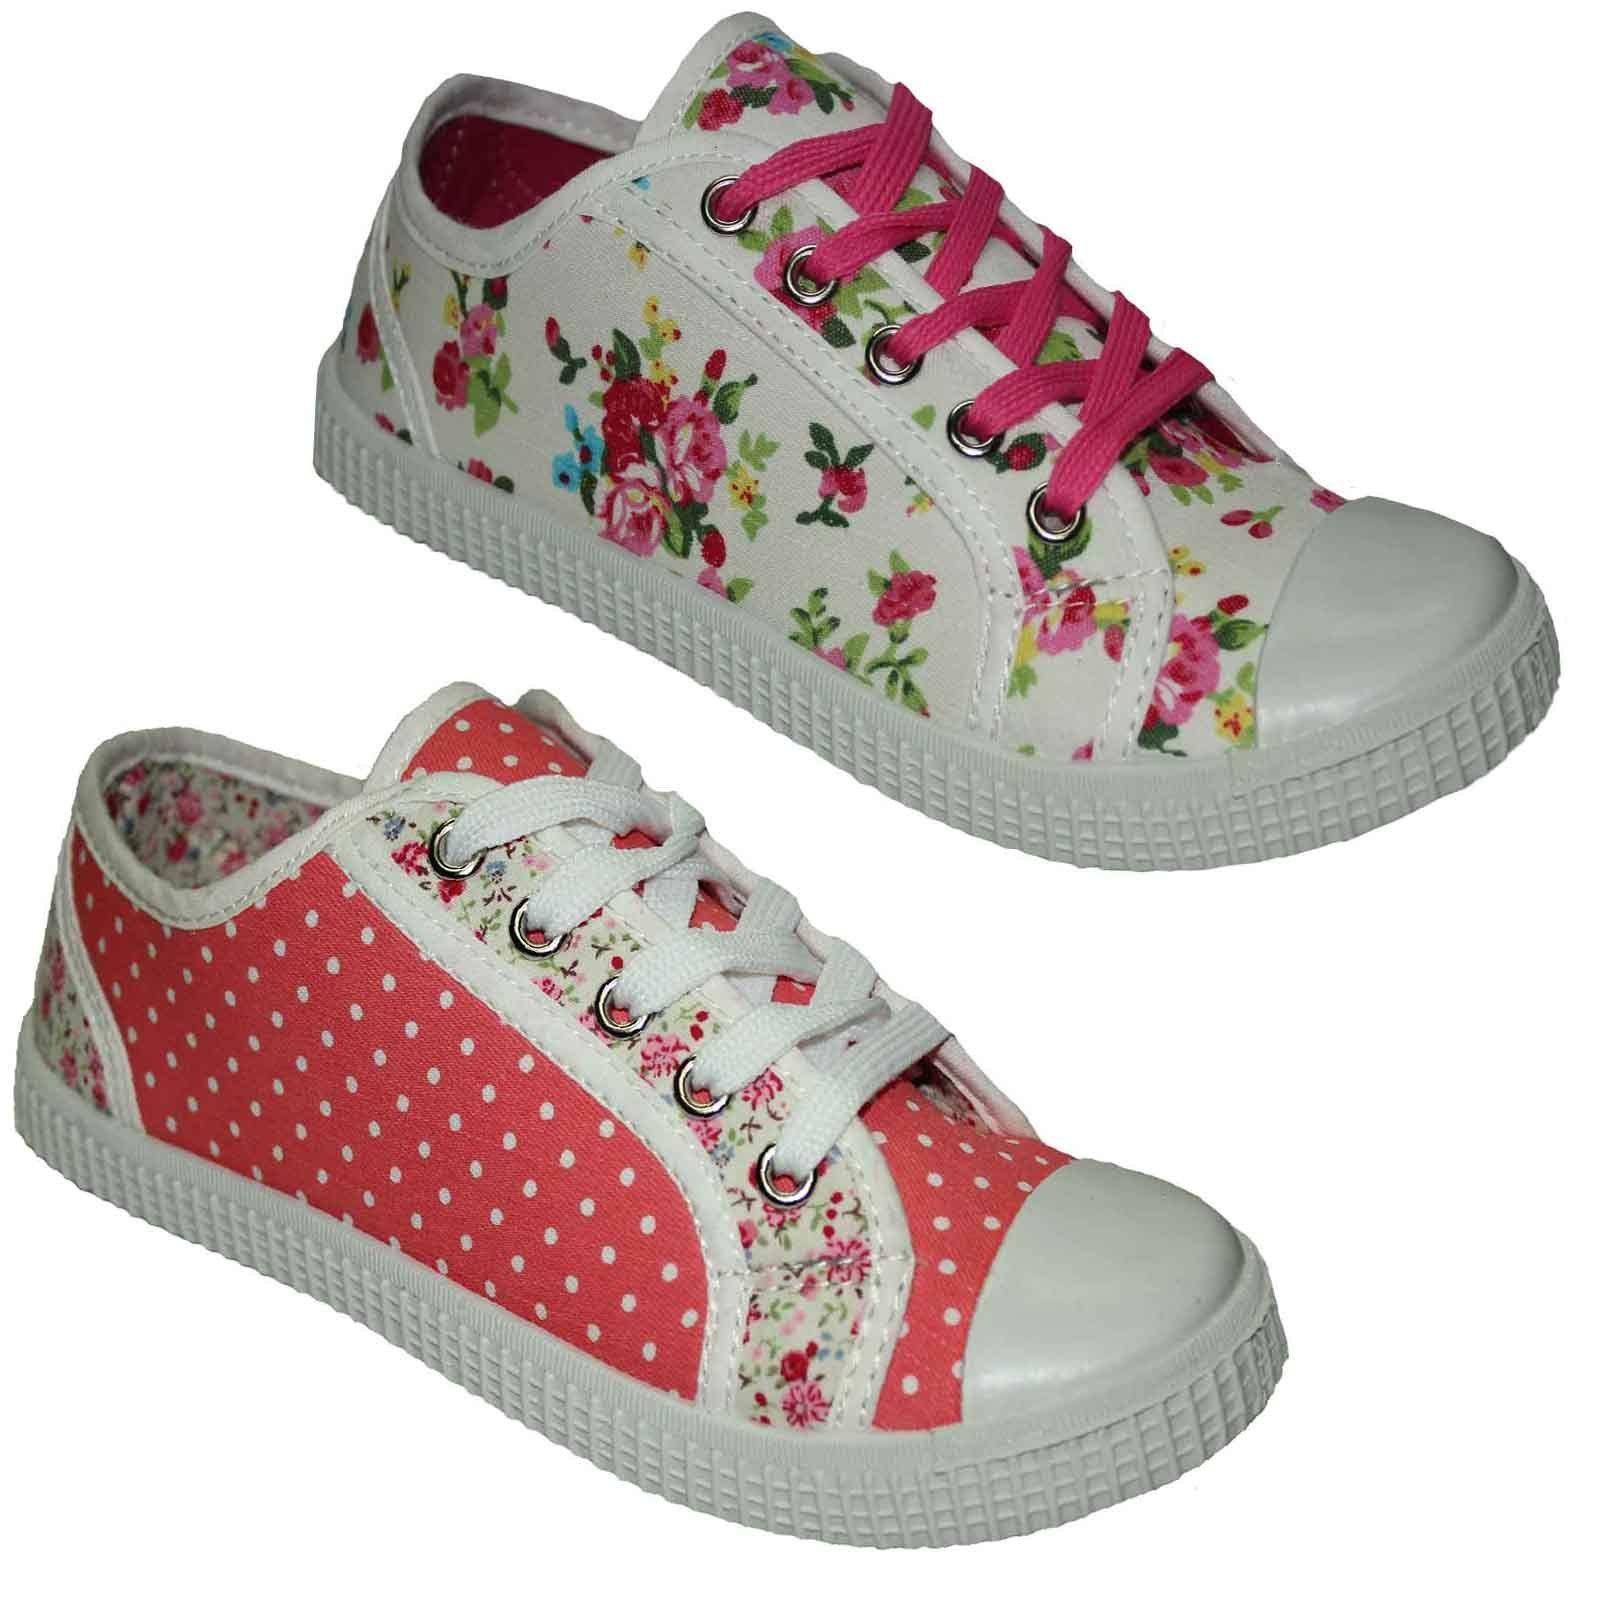 La s Canvas Shoes Retro Lace Up Womens Pumps Plimsoles Trainers